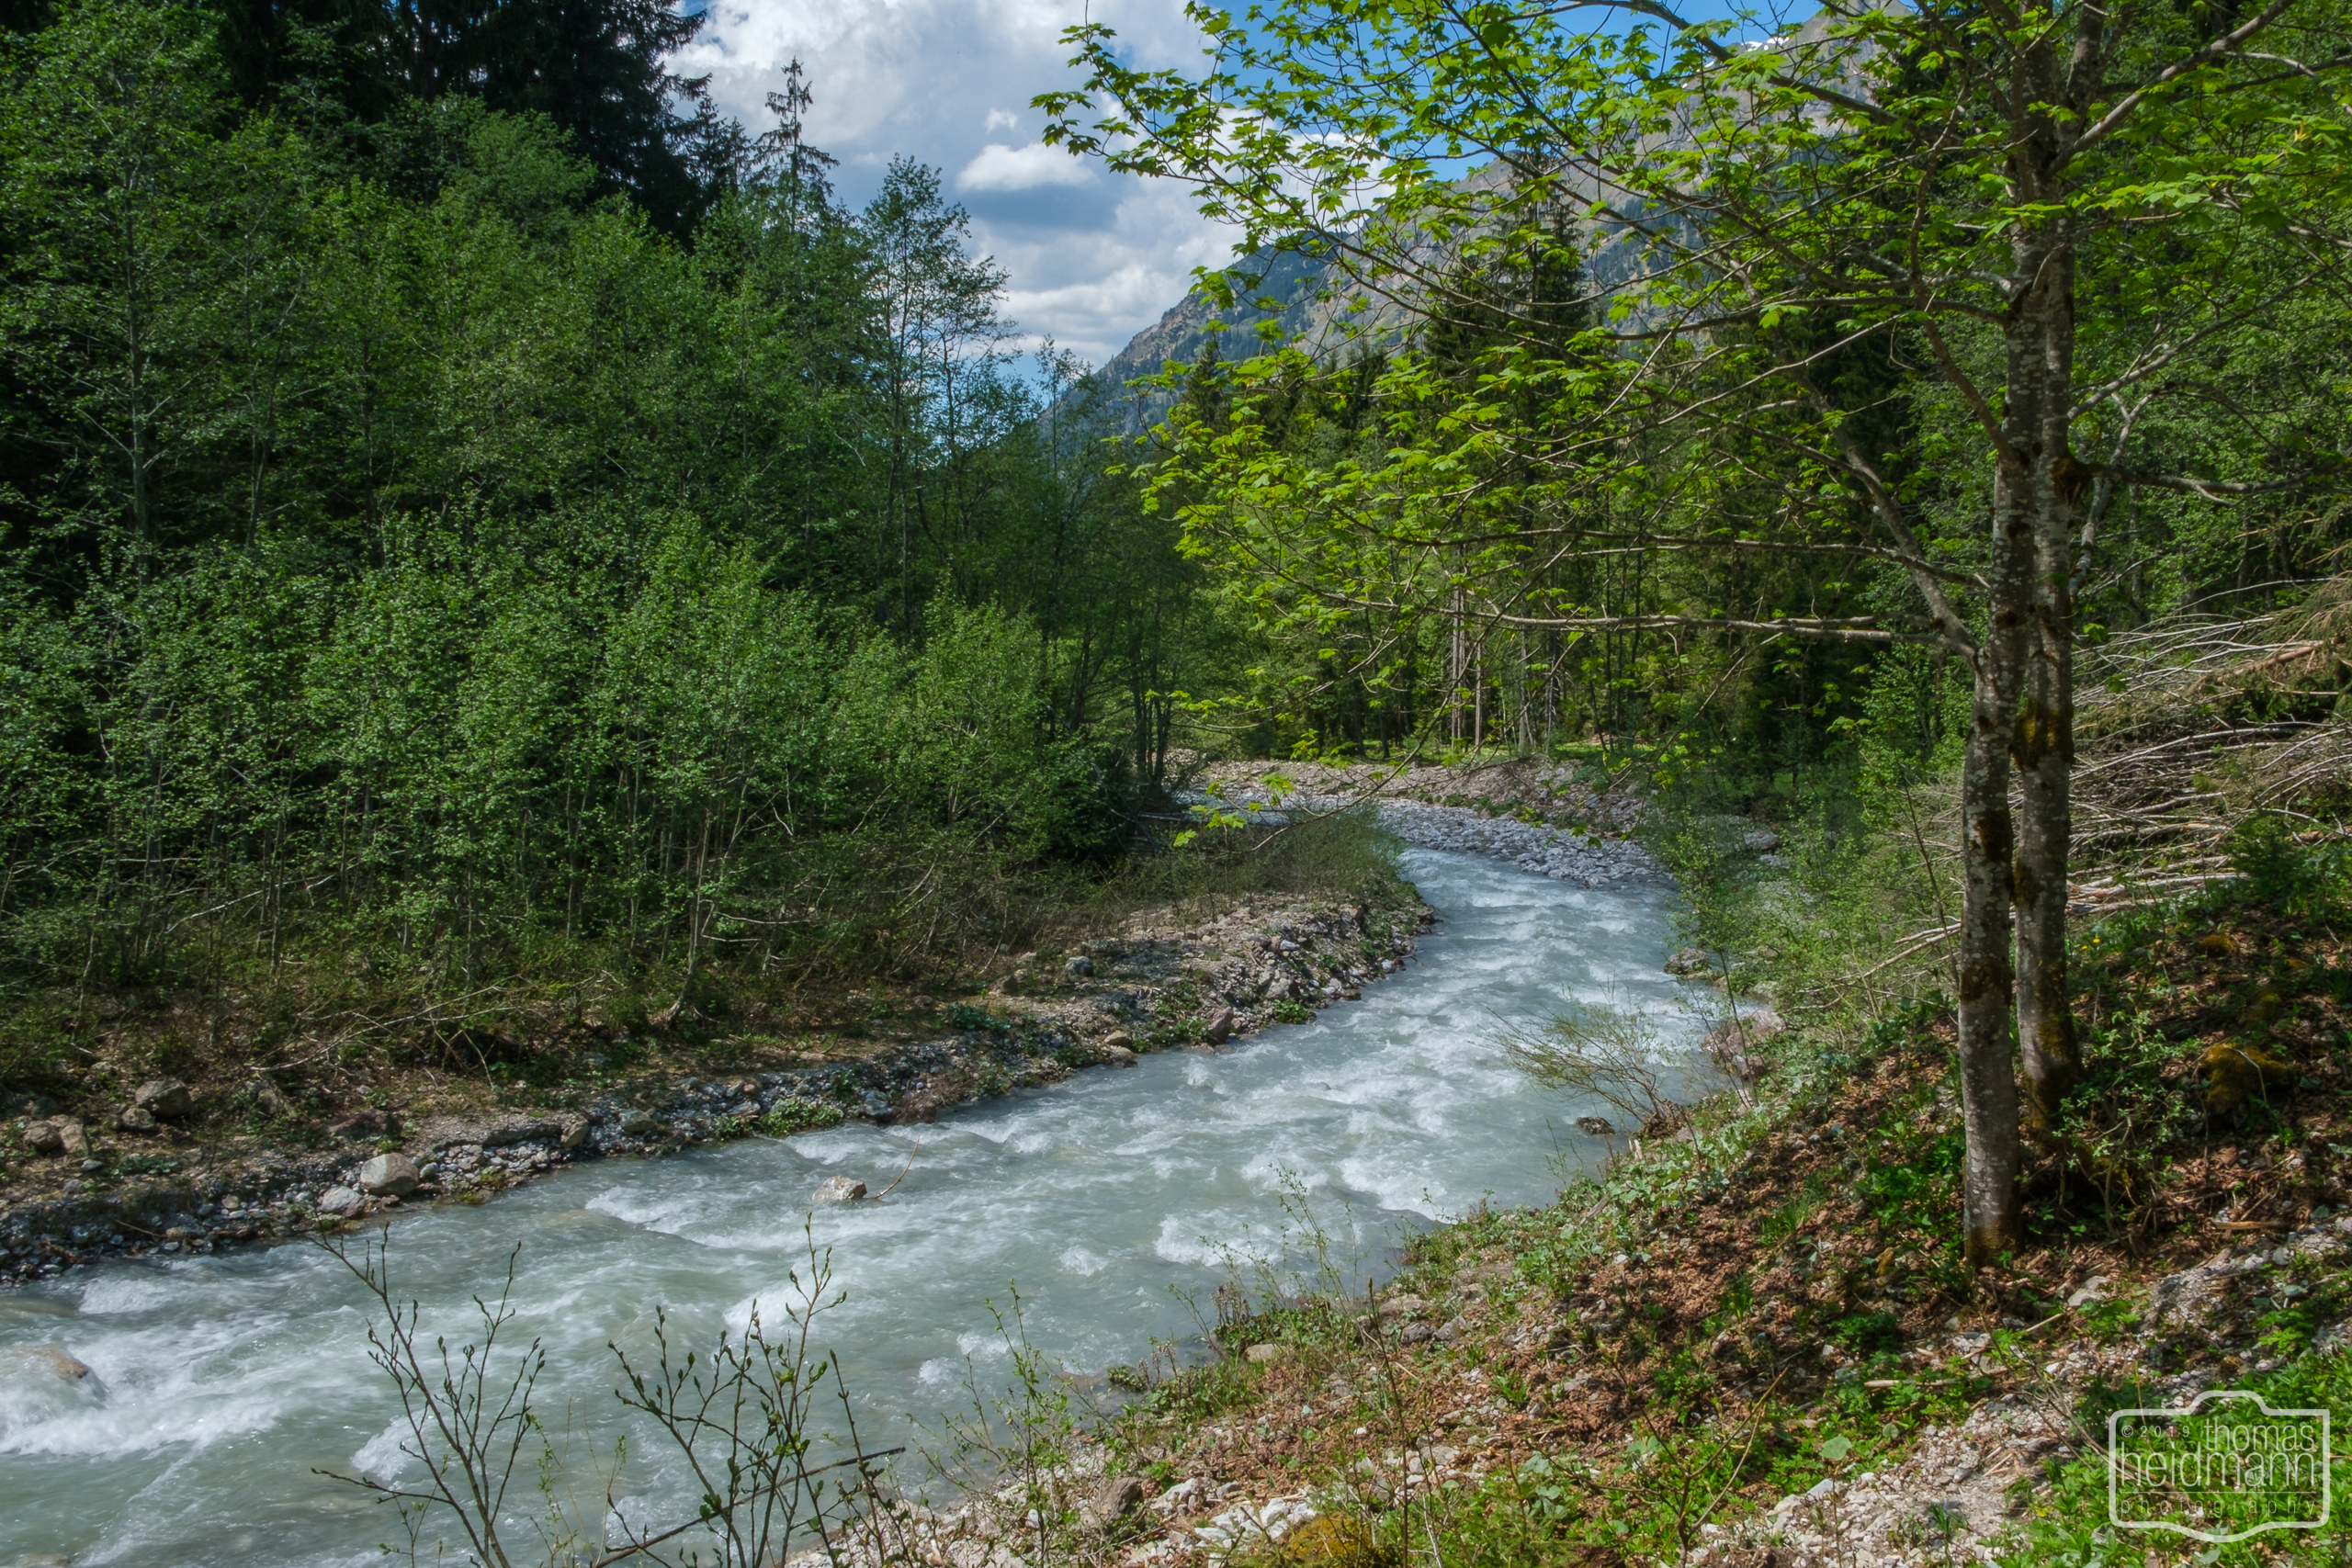 Wanderung durchs Oytal in Oberstdorf